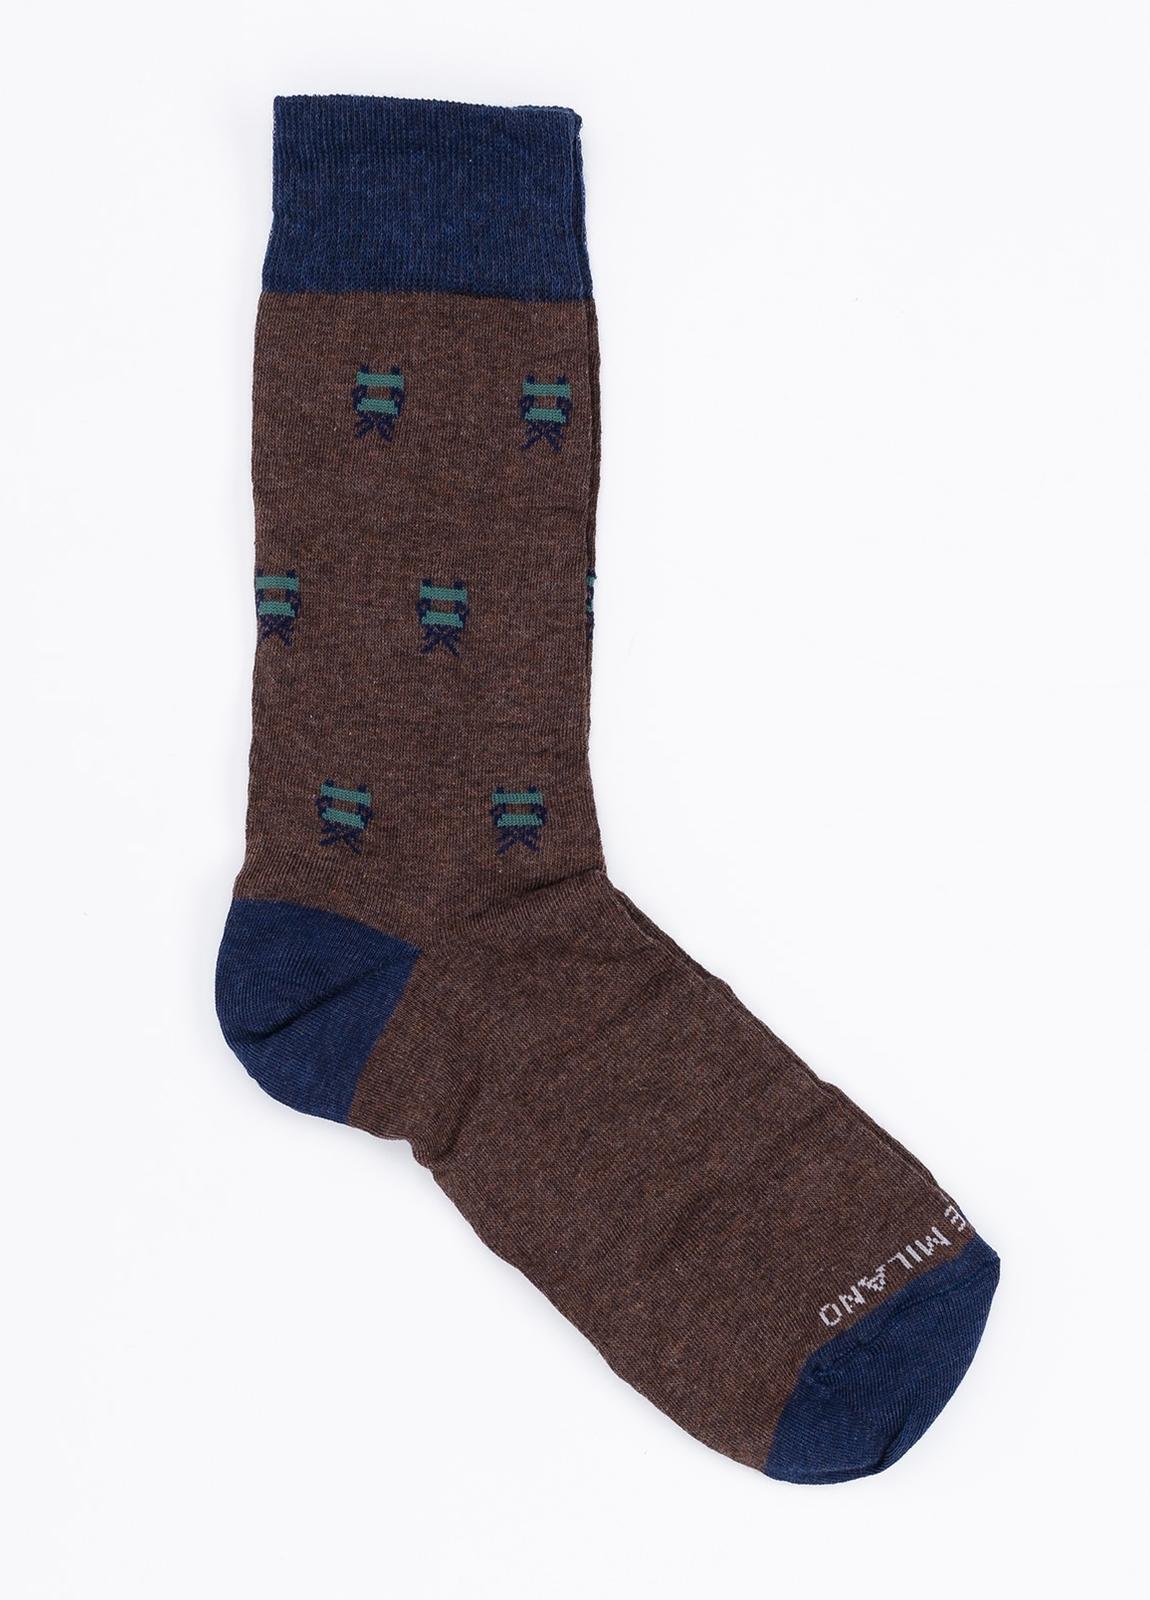 Calcetín corto de algodón con estampado fantasía color marrón.